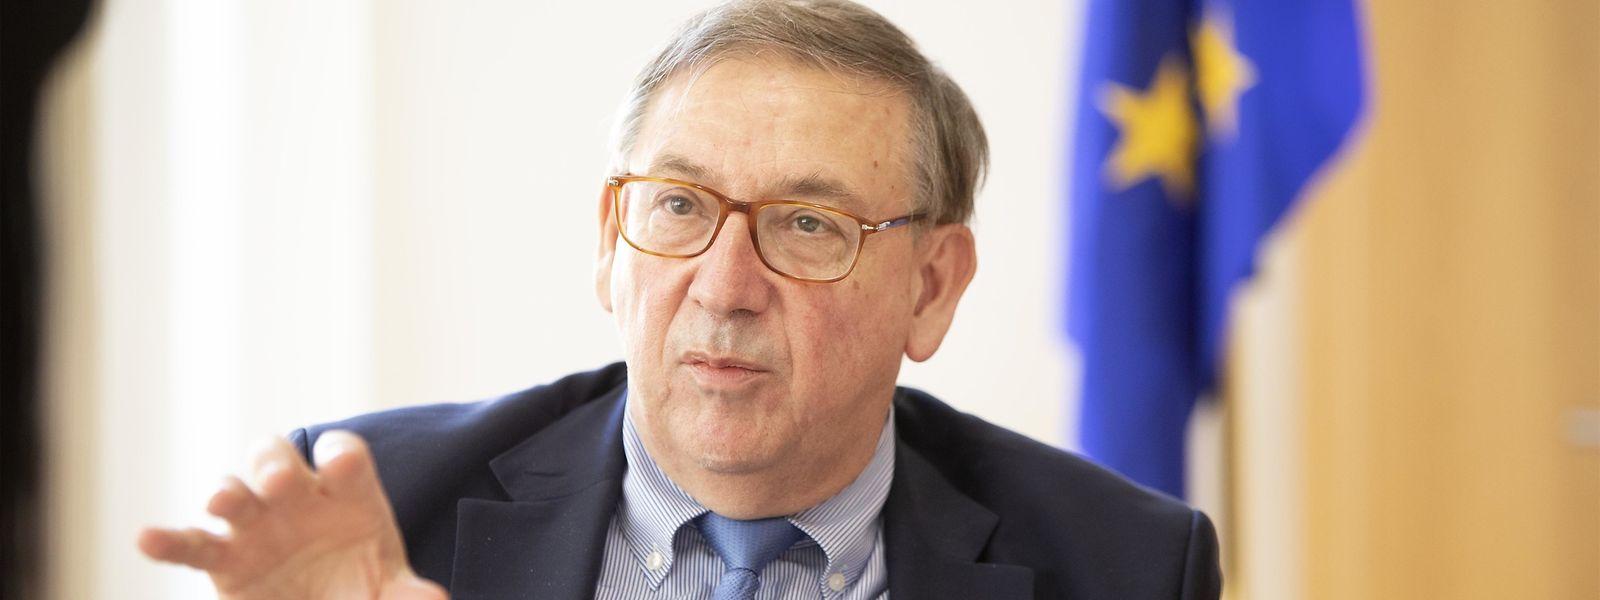 Jean-Luc Demarty a passé huit ans à la tête de la Direction générale du commerce, plus connue sous le nom de «DG Trade», de la Commission européenne.